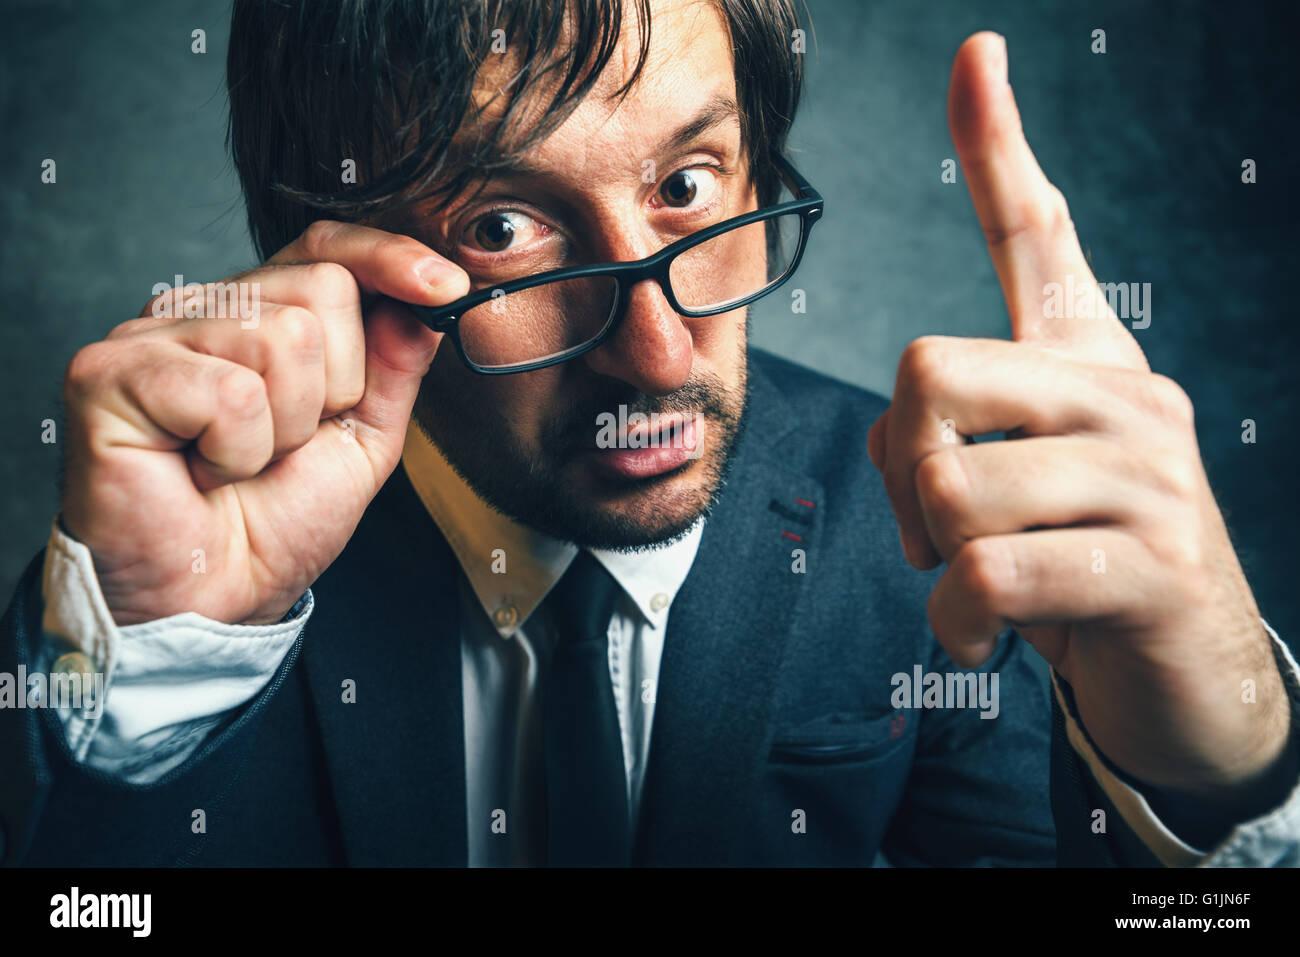 Wütend Steuerinspektor suchen ernsthafte und entschlossene, aggressive Finger drohen Erwachsenen Unternehmer Stockbild